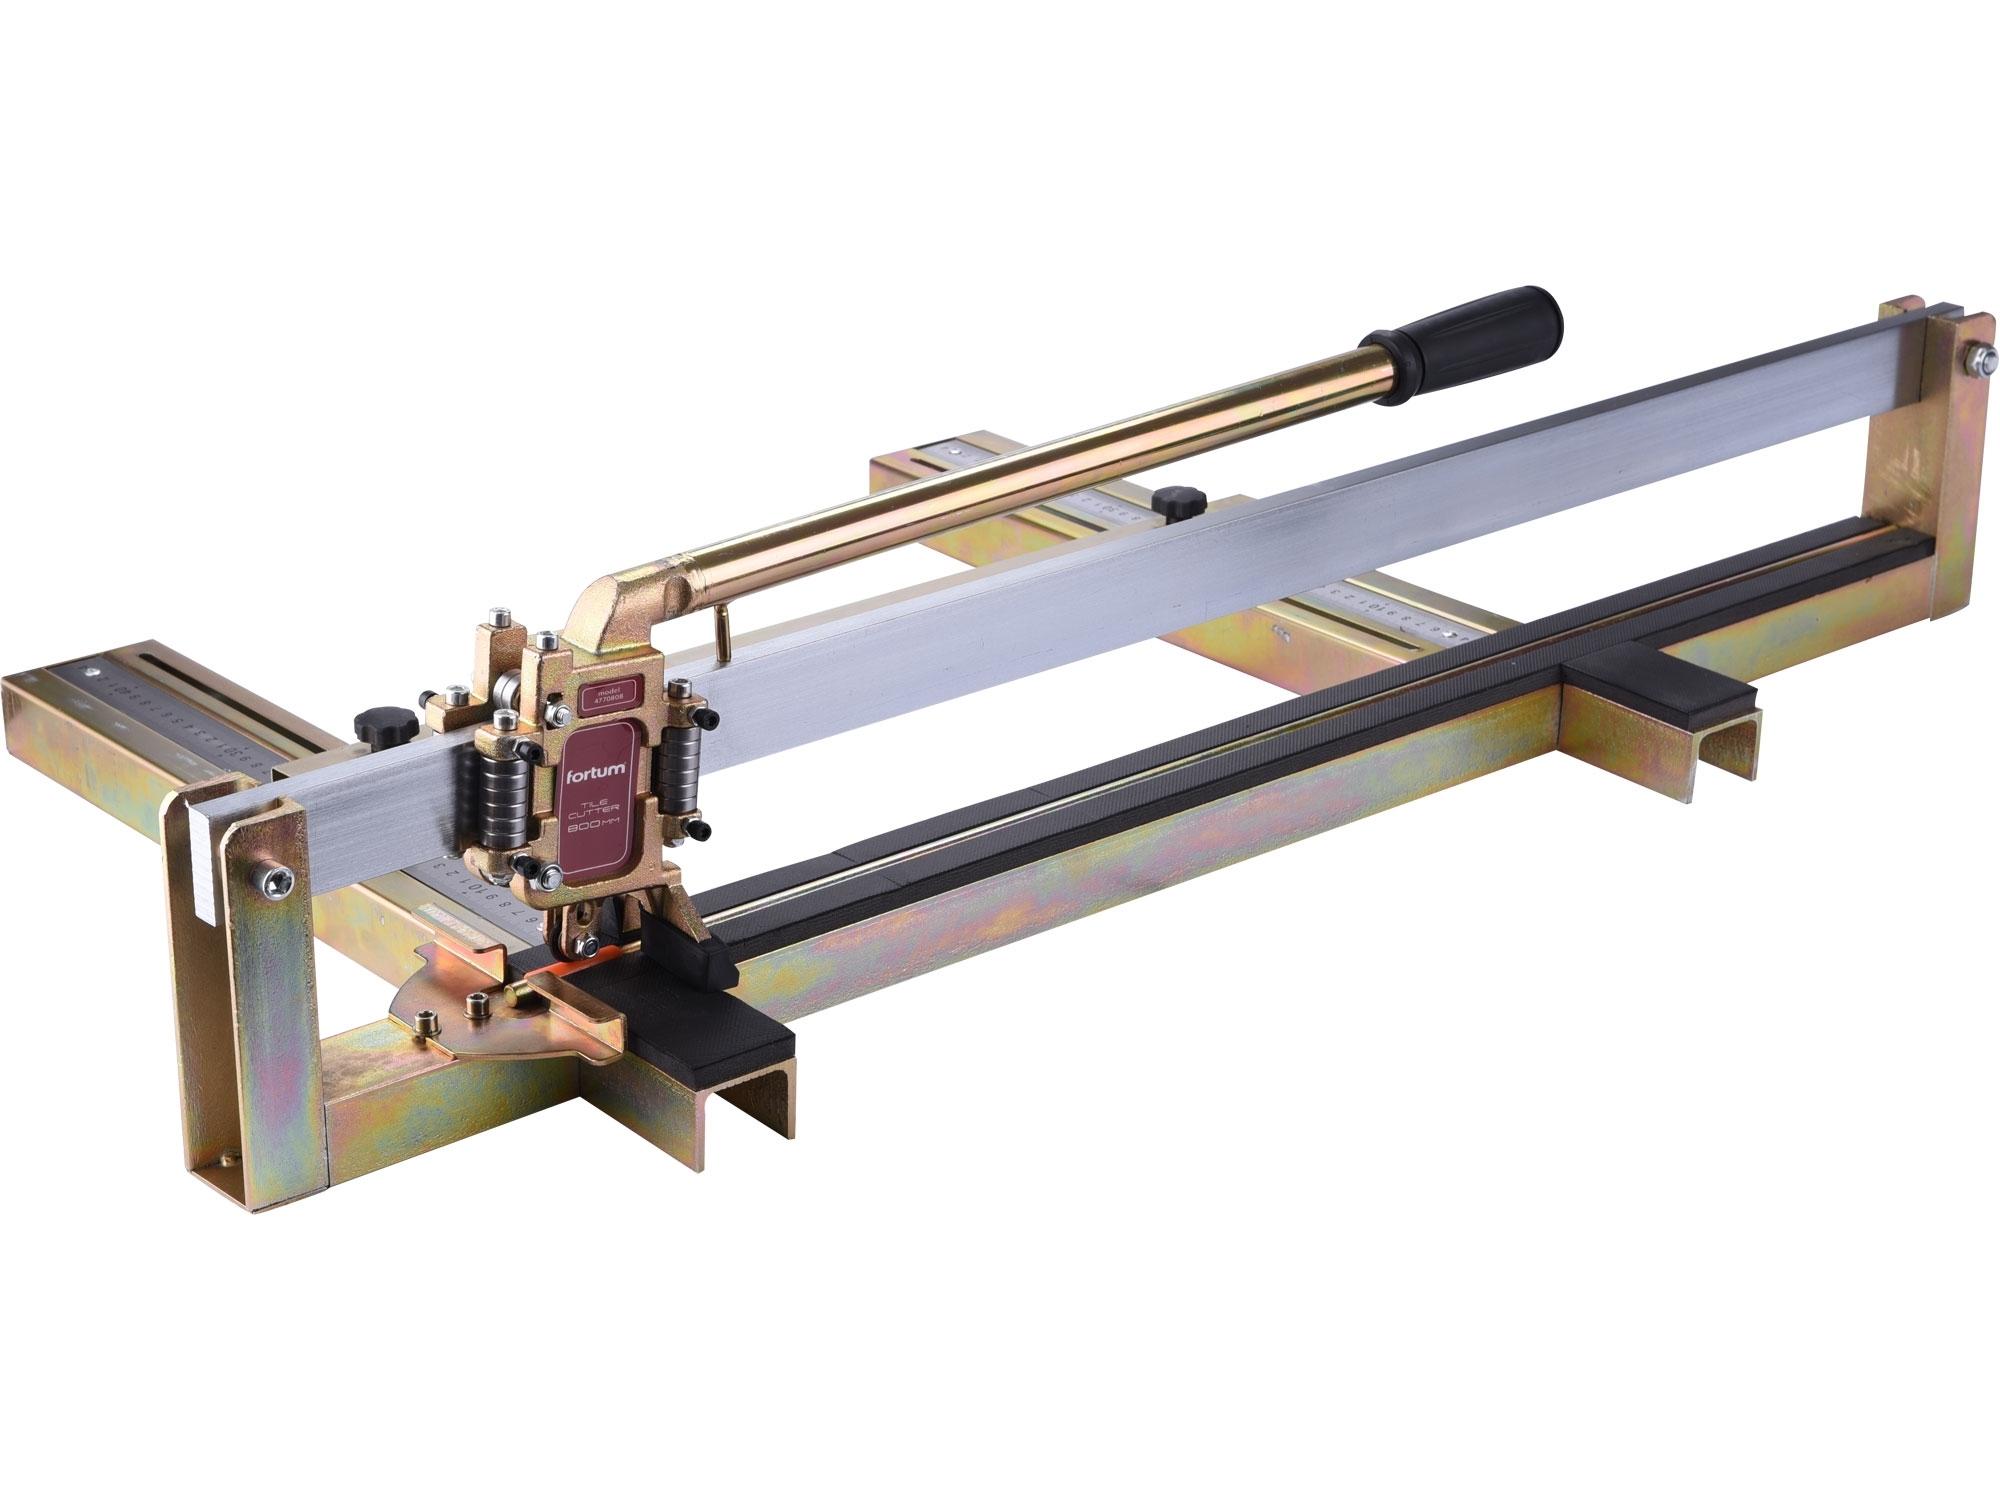 řezačka obkladů profesionální, 800mm, FORTUM 4770808